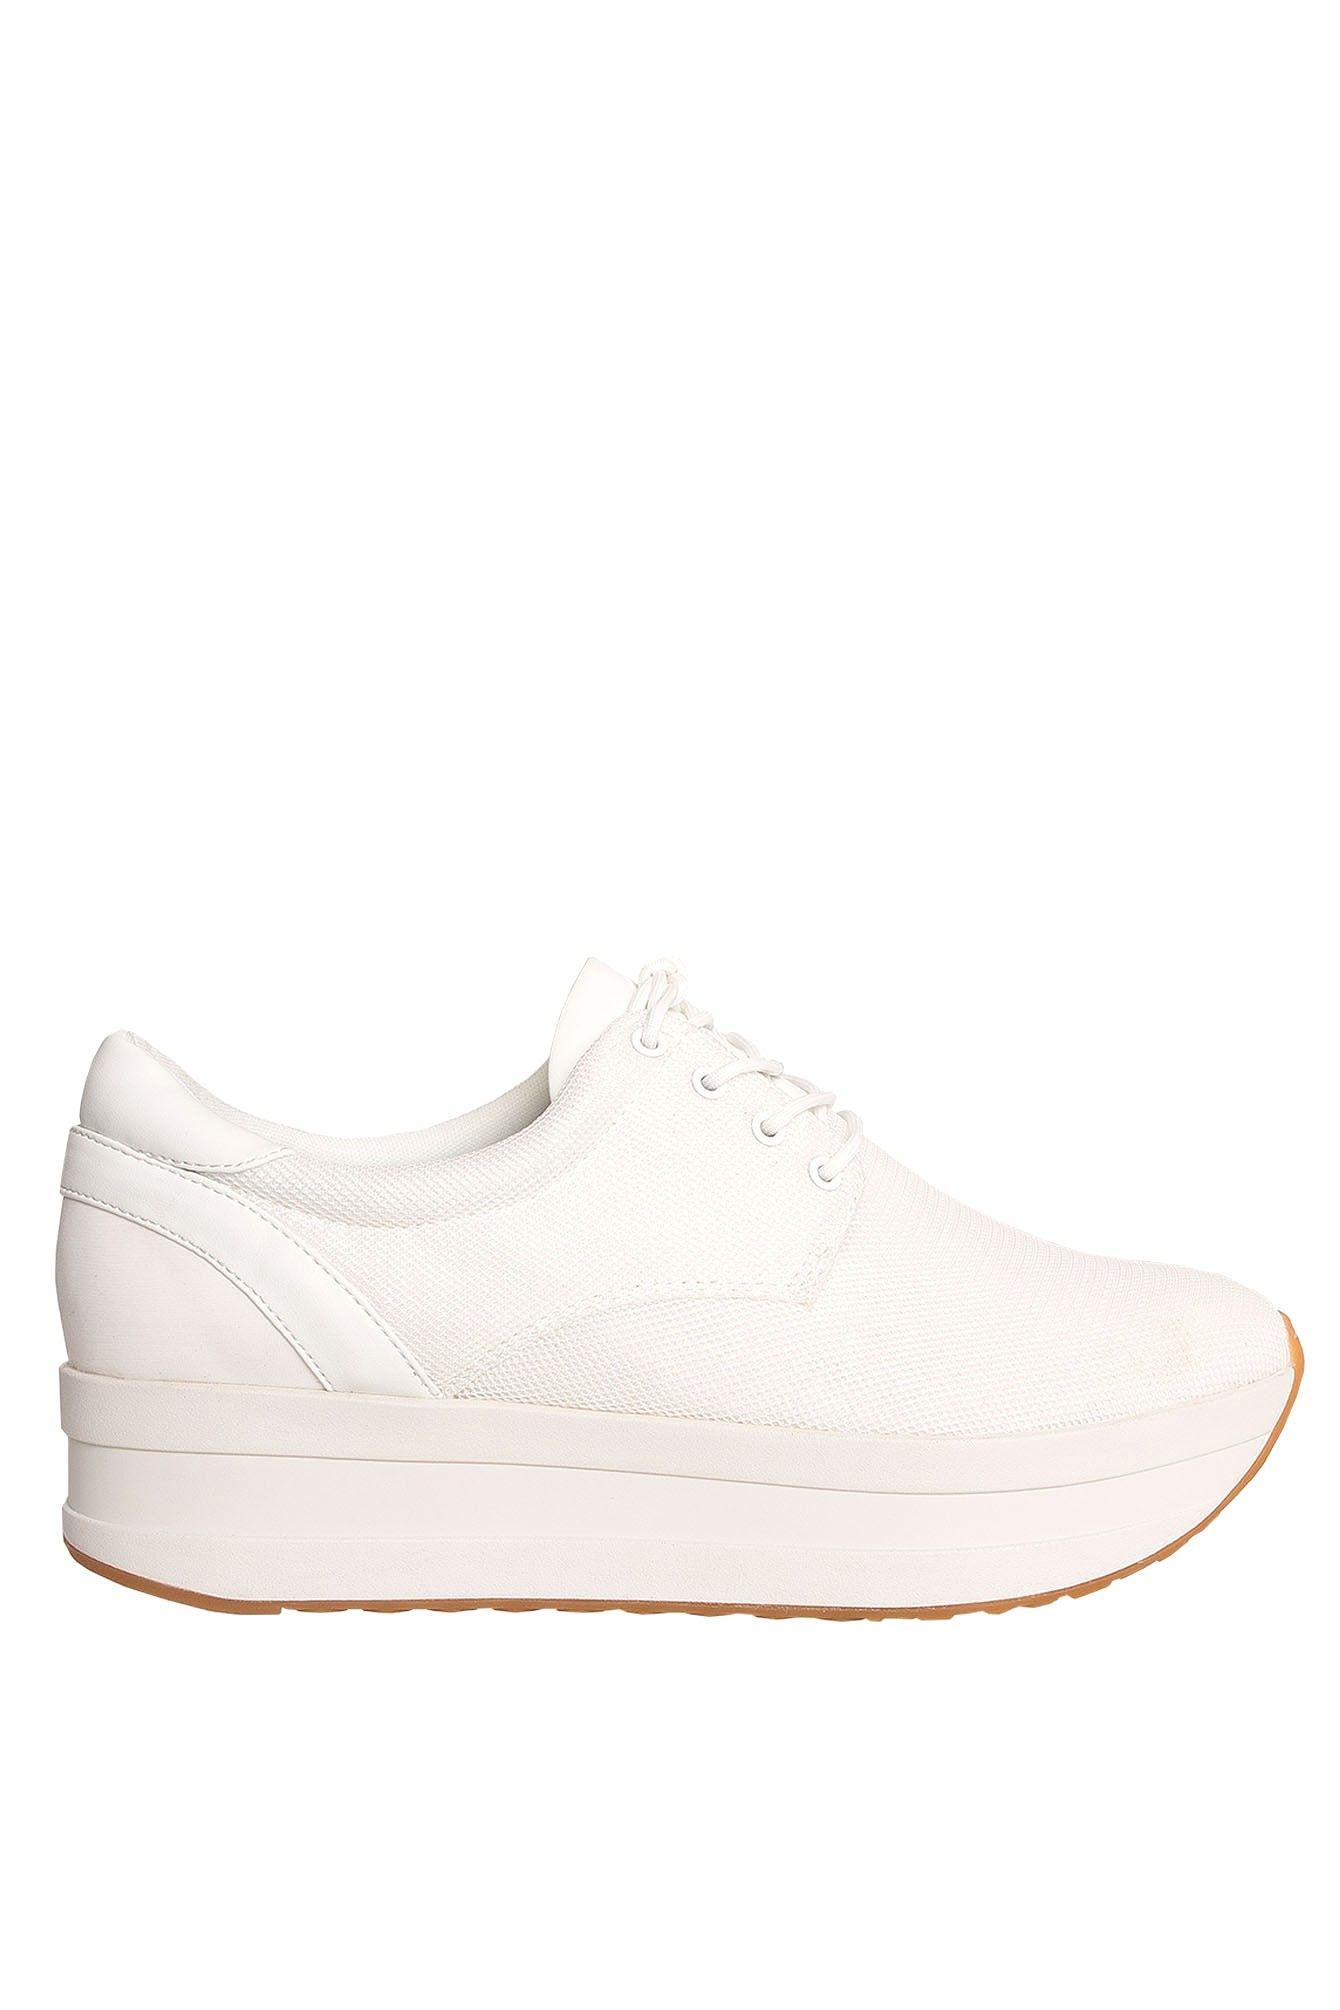 660ea81b0758ff Sneakers plataforma blanco Casey by Vagabond - Zapatillas - Calzado ...